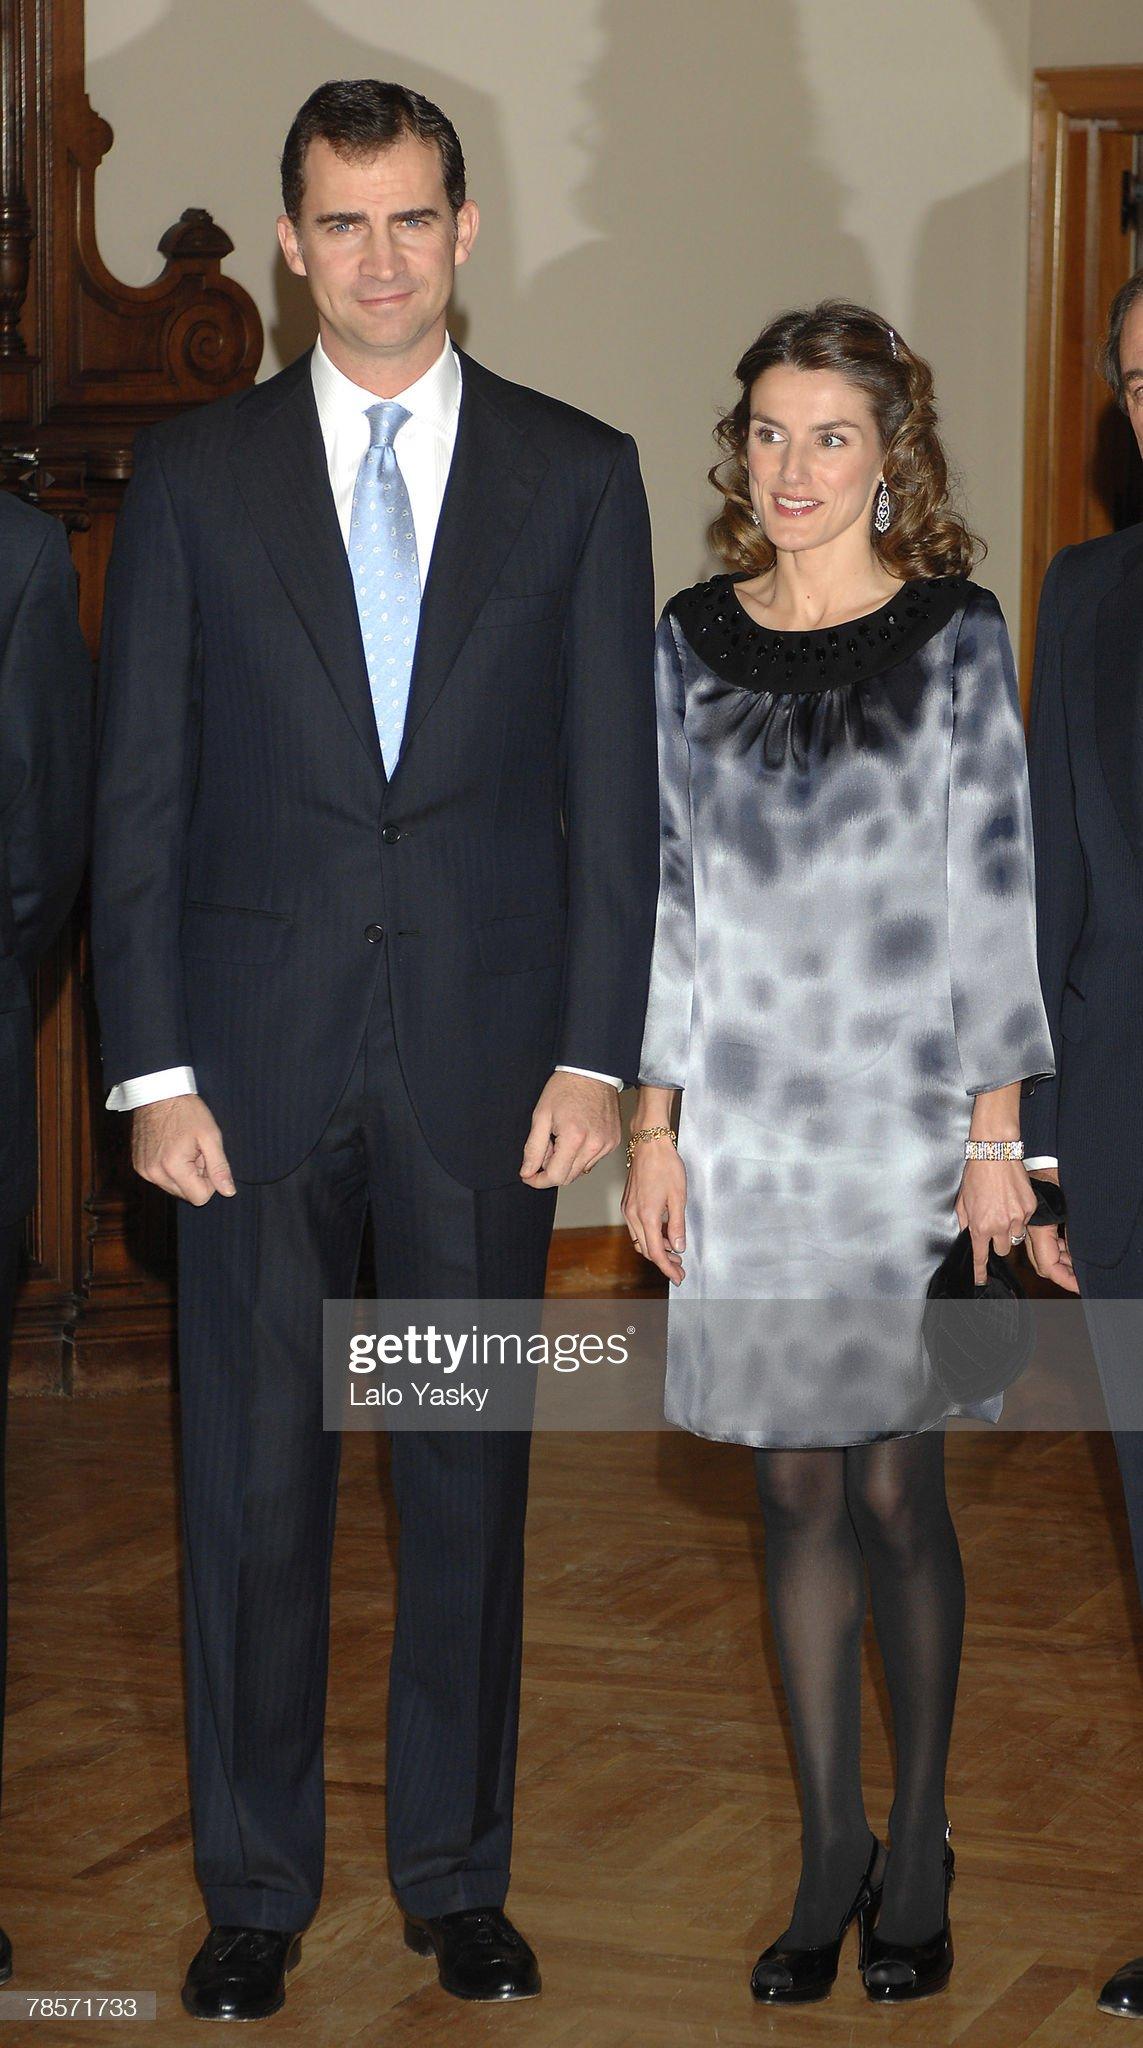 Вечерние наряды Королевы Летиции Prince Felipe and Princess Letizia